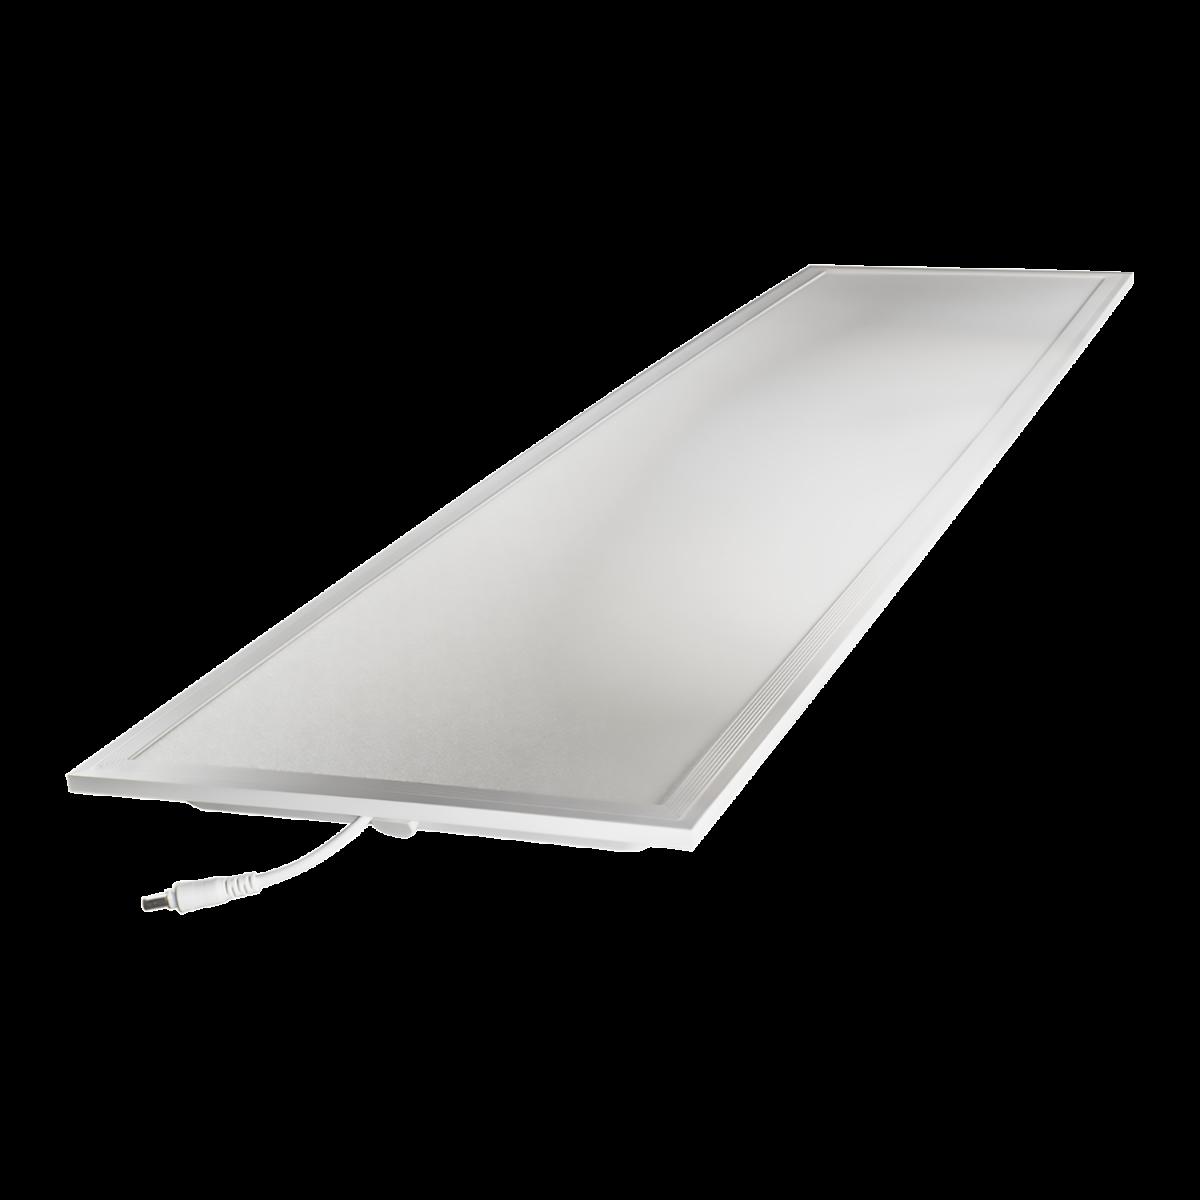 Noxion LED Paneel Delta Pro V2.0 30W 30x120cm 3000K 3960lm UGR <19 | Vervanger voor 2x36W